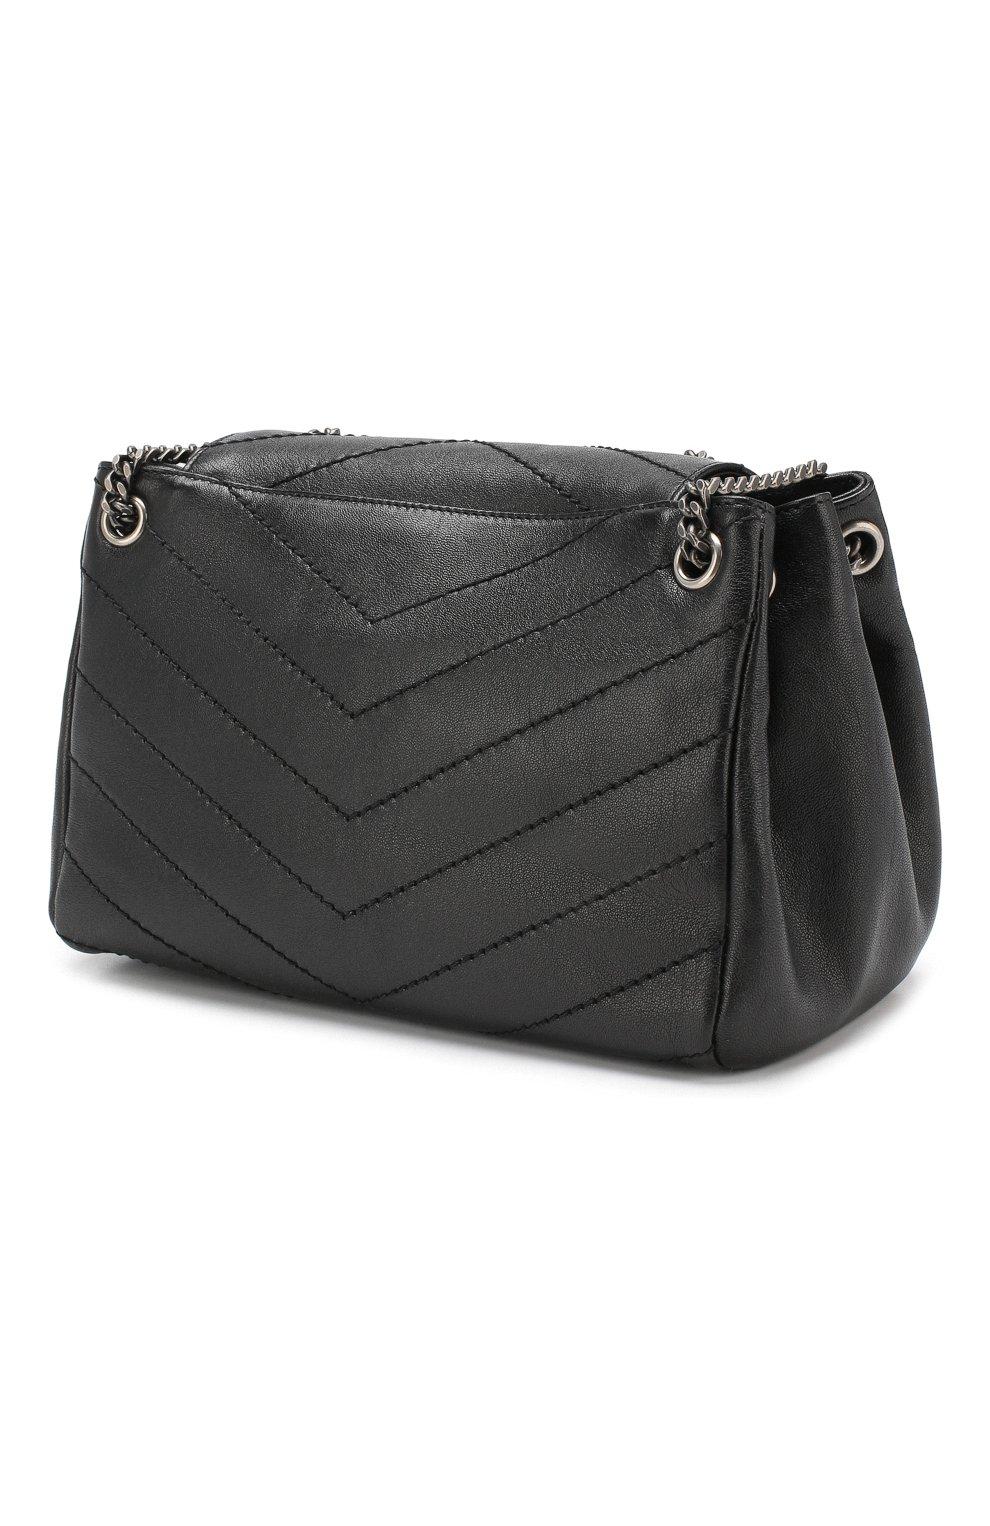 Сумка Nolita small Saint Laurent черная цвета | Фото №3